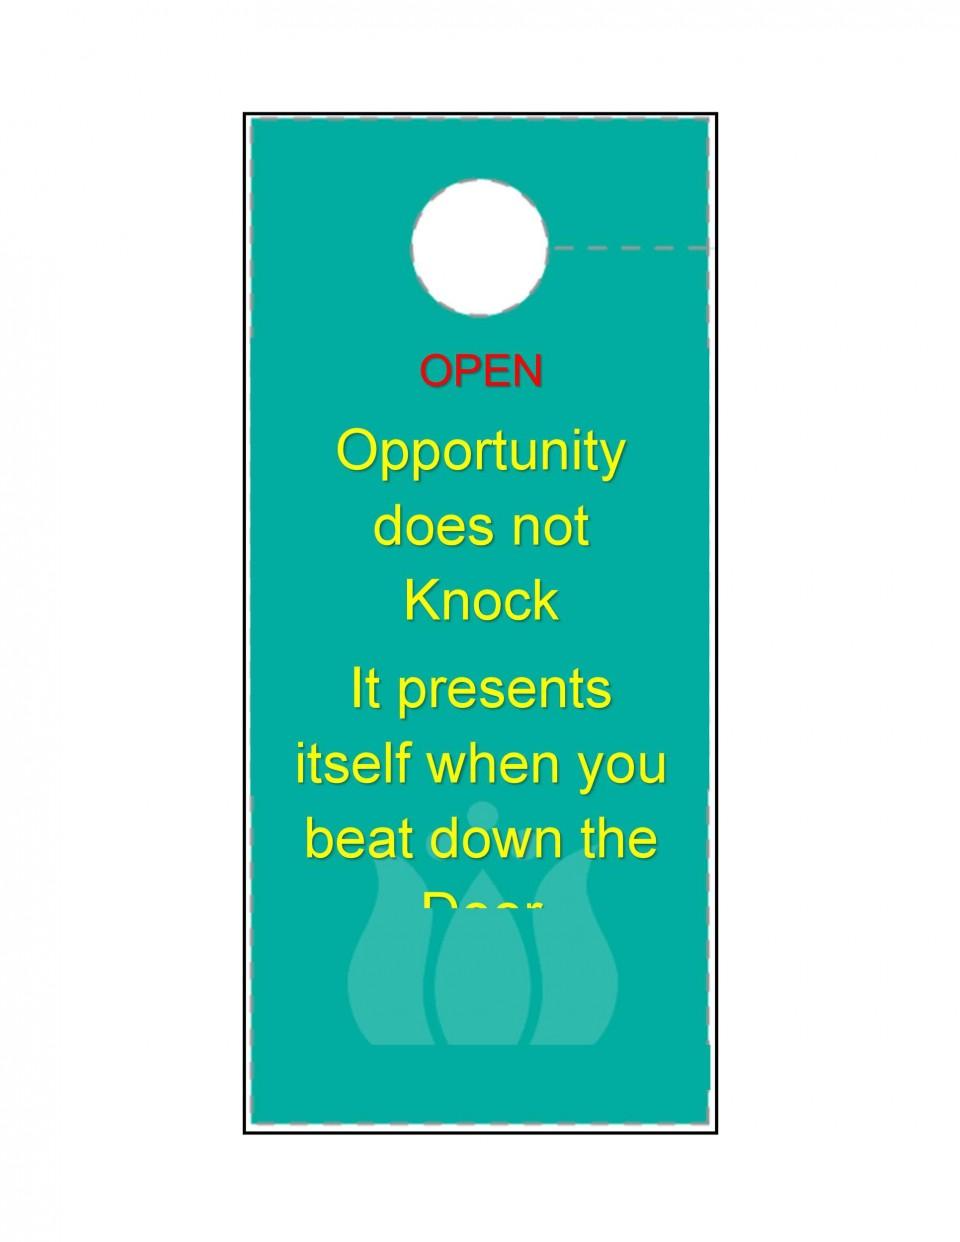 003 Amazing Free Download Door Hanger Template Inspiration 960